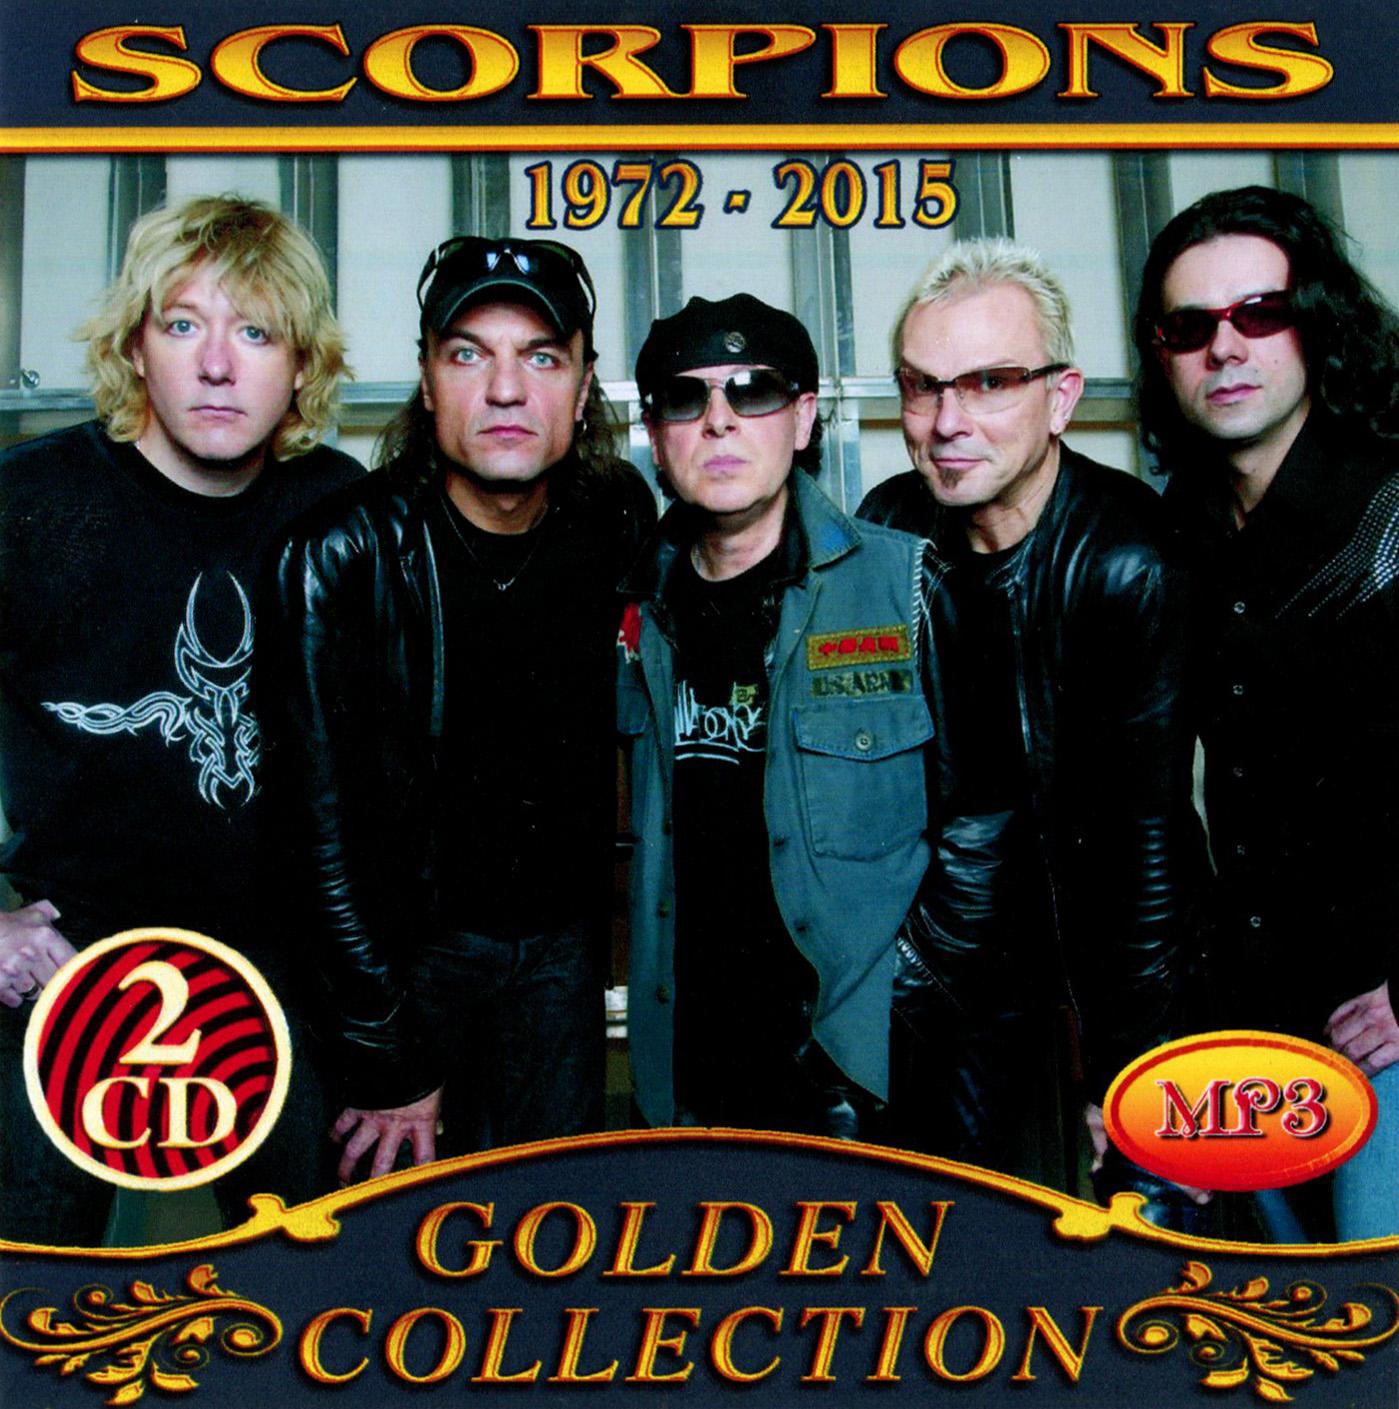 Scorpions 2cd [mp3]